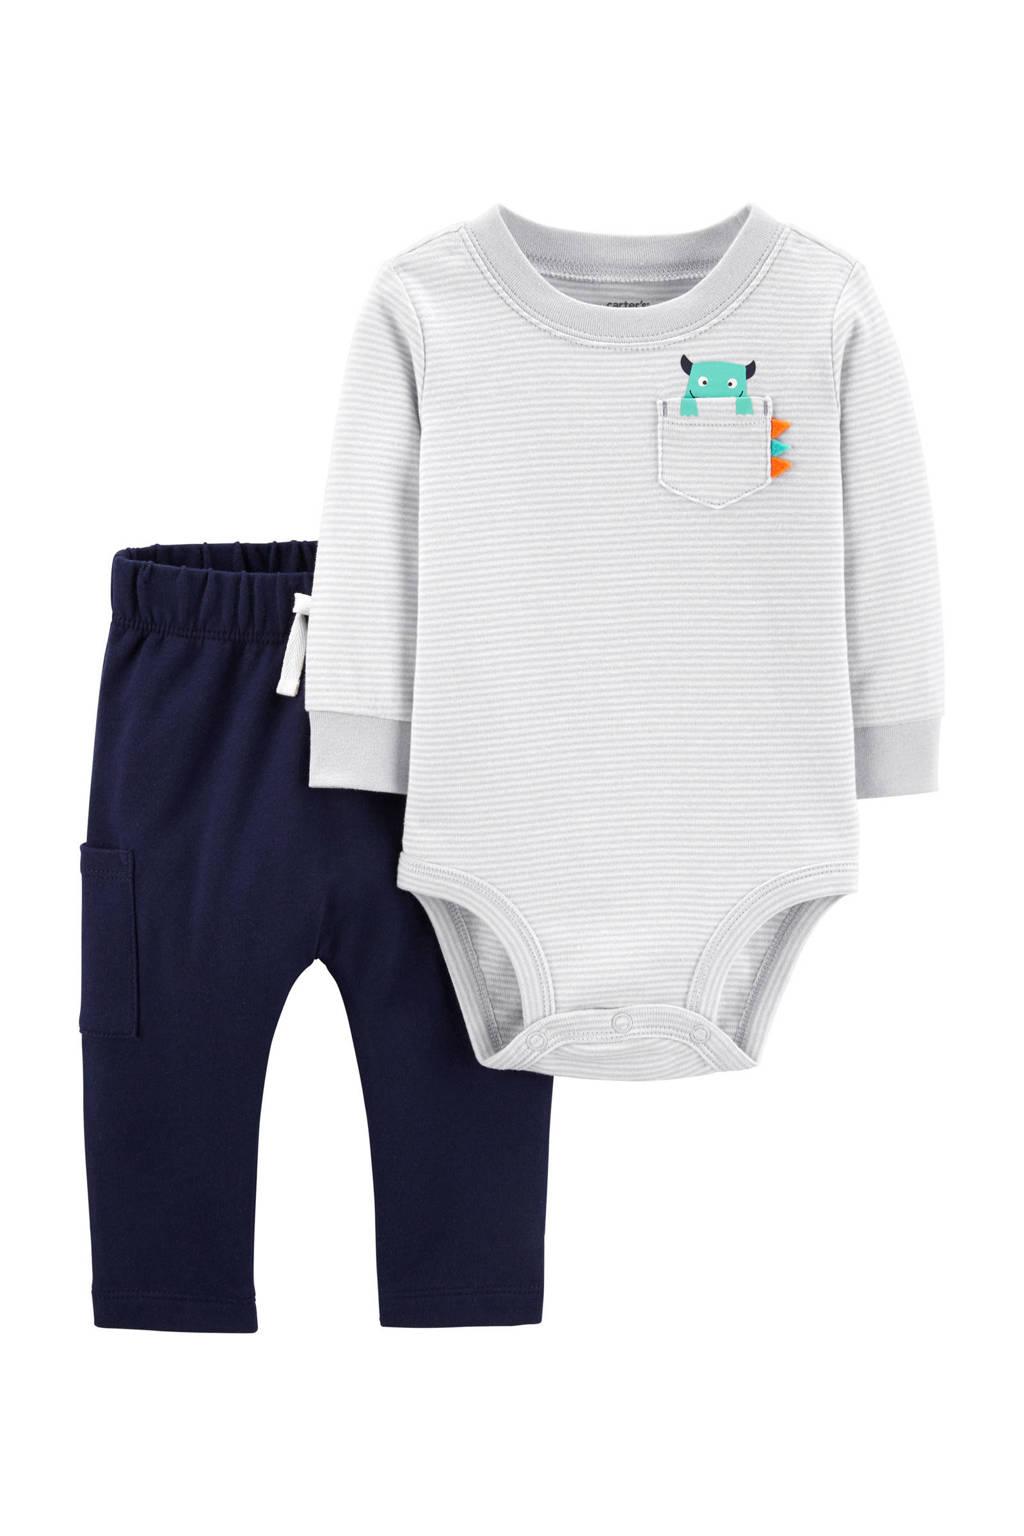 Carter's baby romper + broek, Grijs/wit/blauw